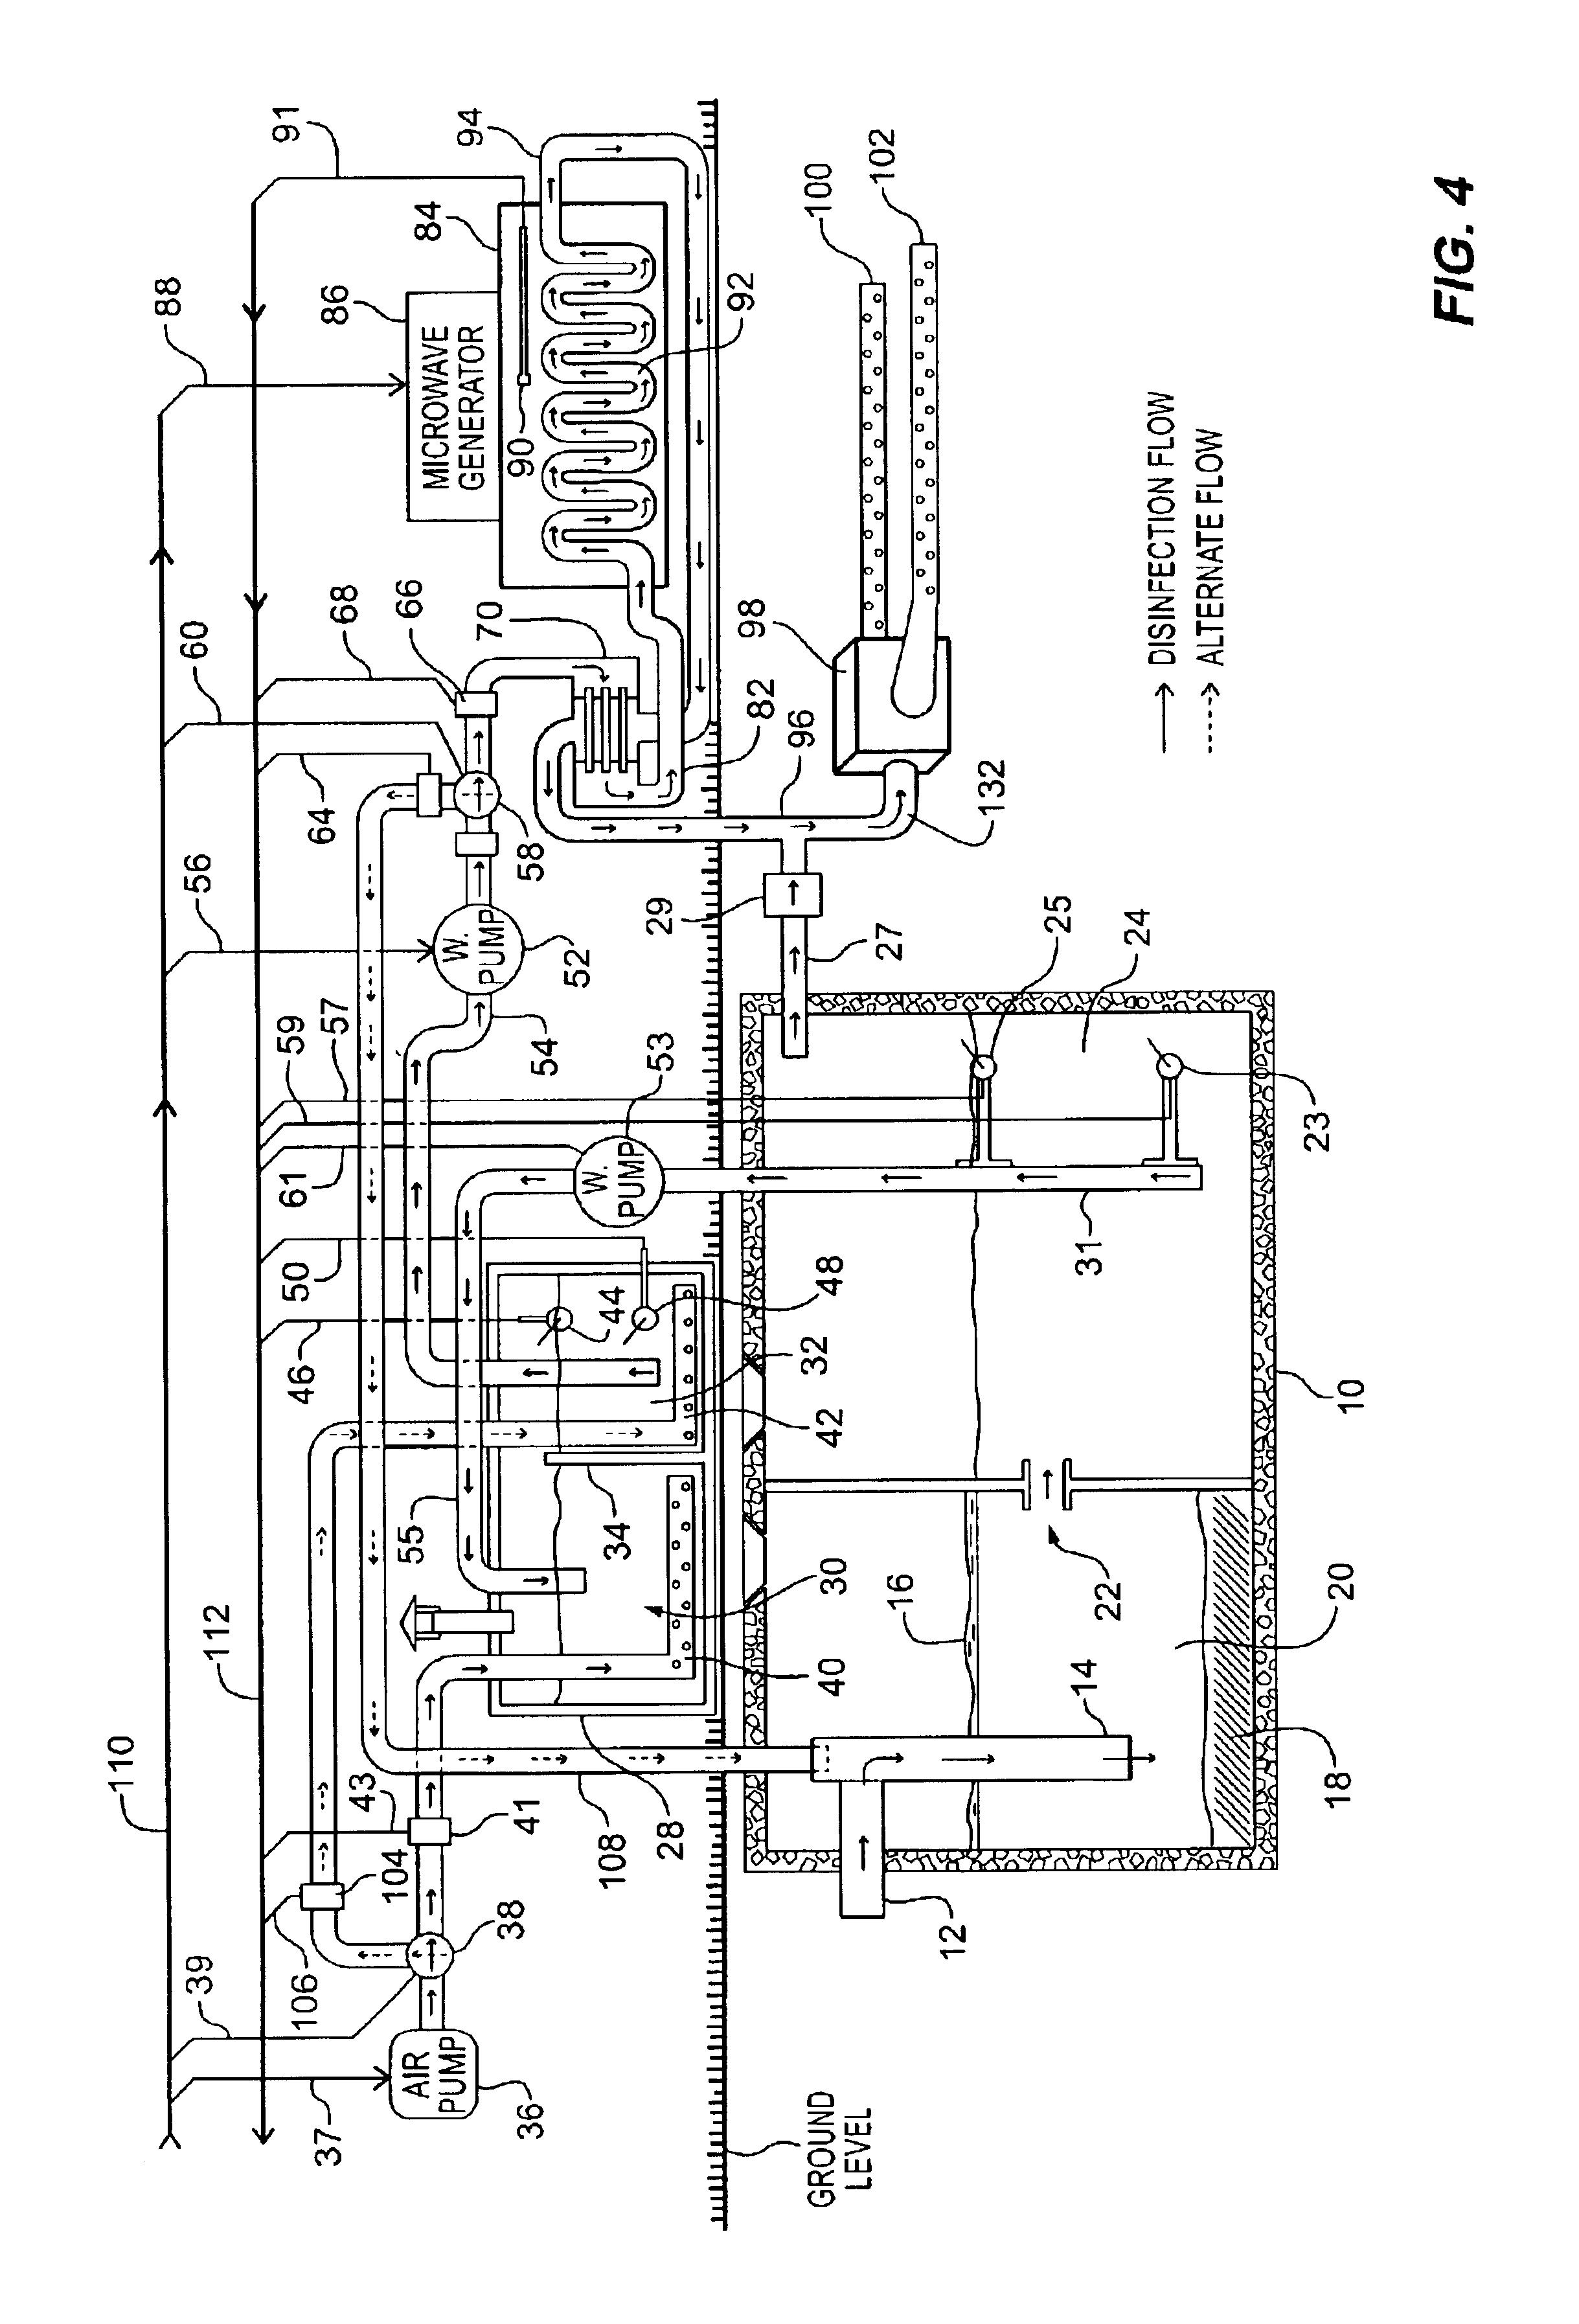 patent us6863805